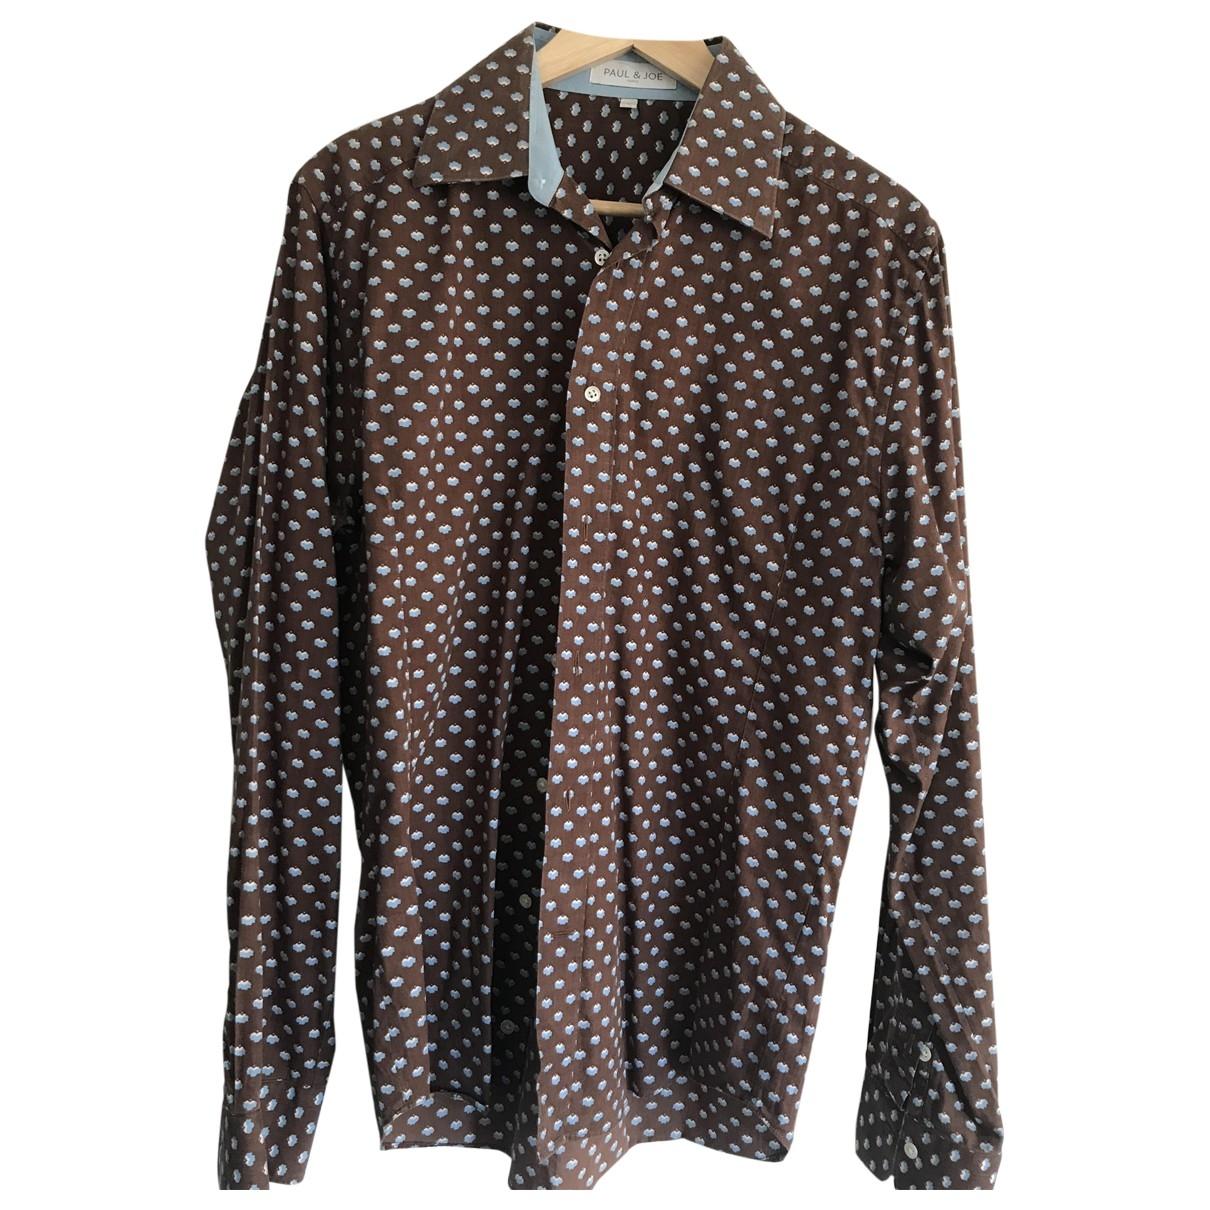 Paul & Joe - Chemises   pour homme en coton - marron